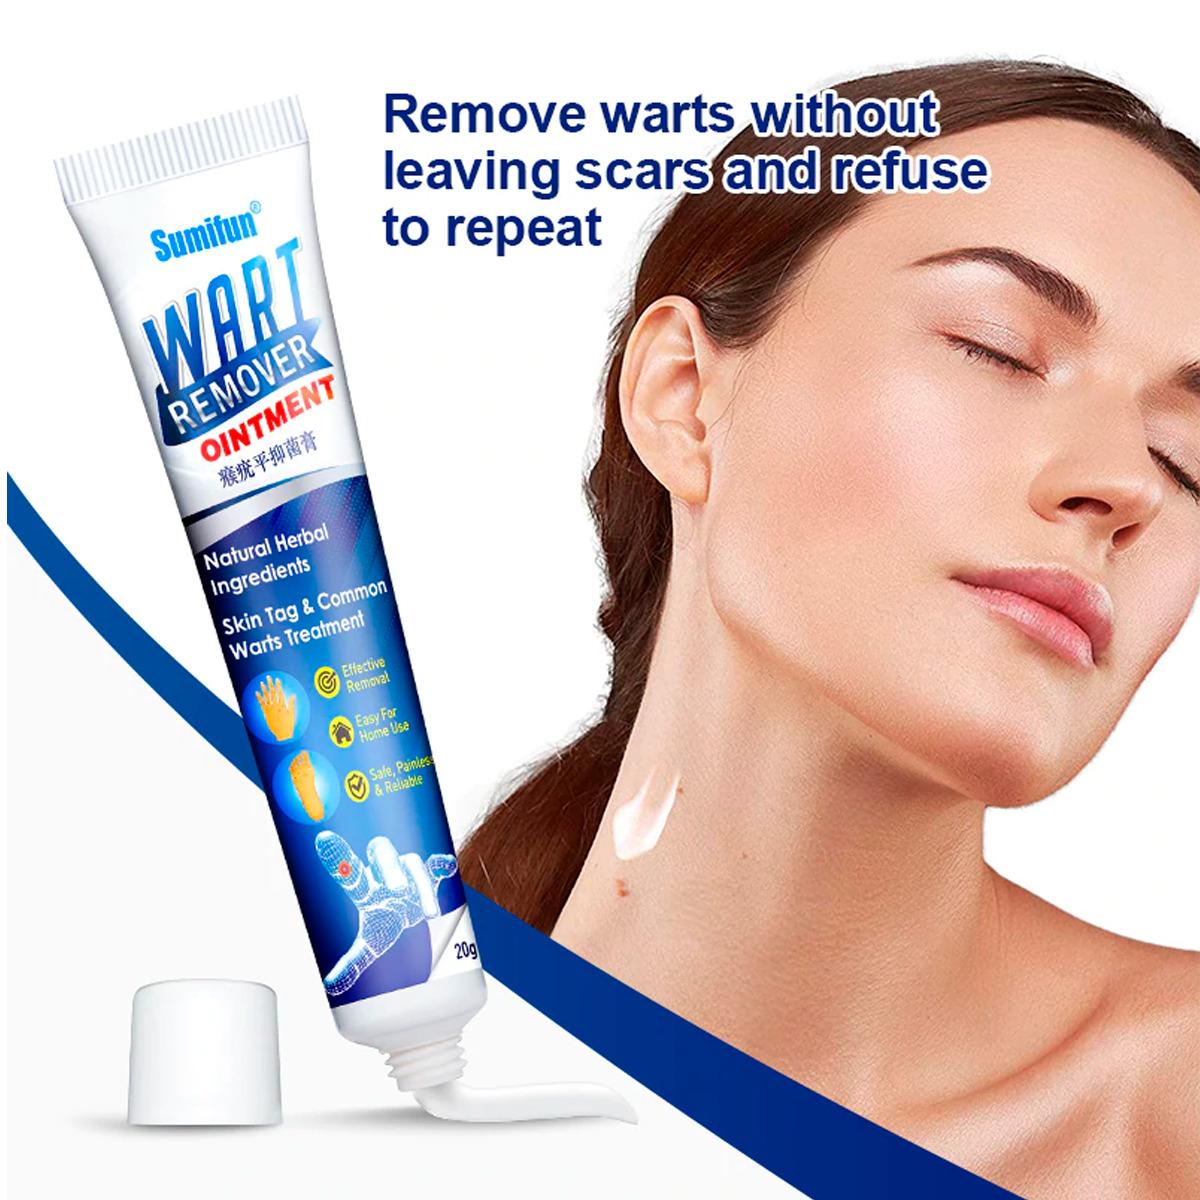 Sumifun Crema Removedor Verrugas Manchas Tratamiento